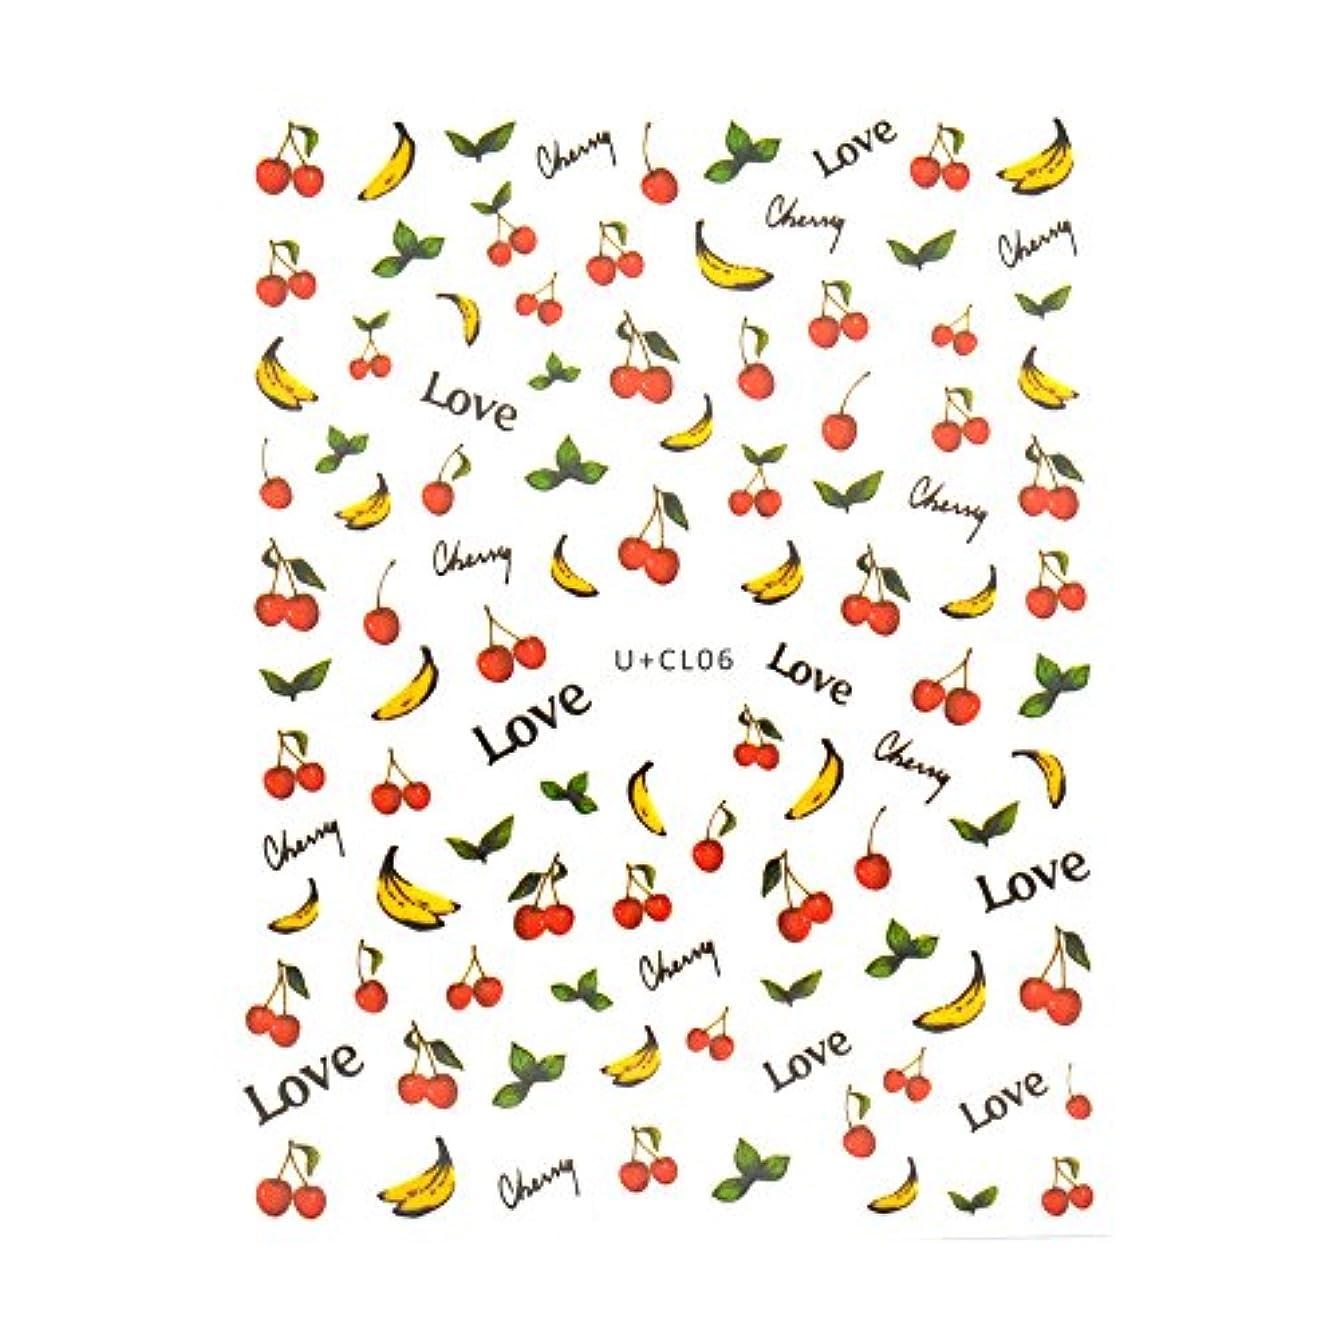 オーチャード叱る部分【U+CL06】 チェリーバナナネイルシール フルーツ さくらんぼ